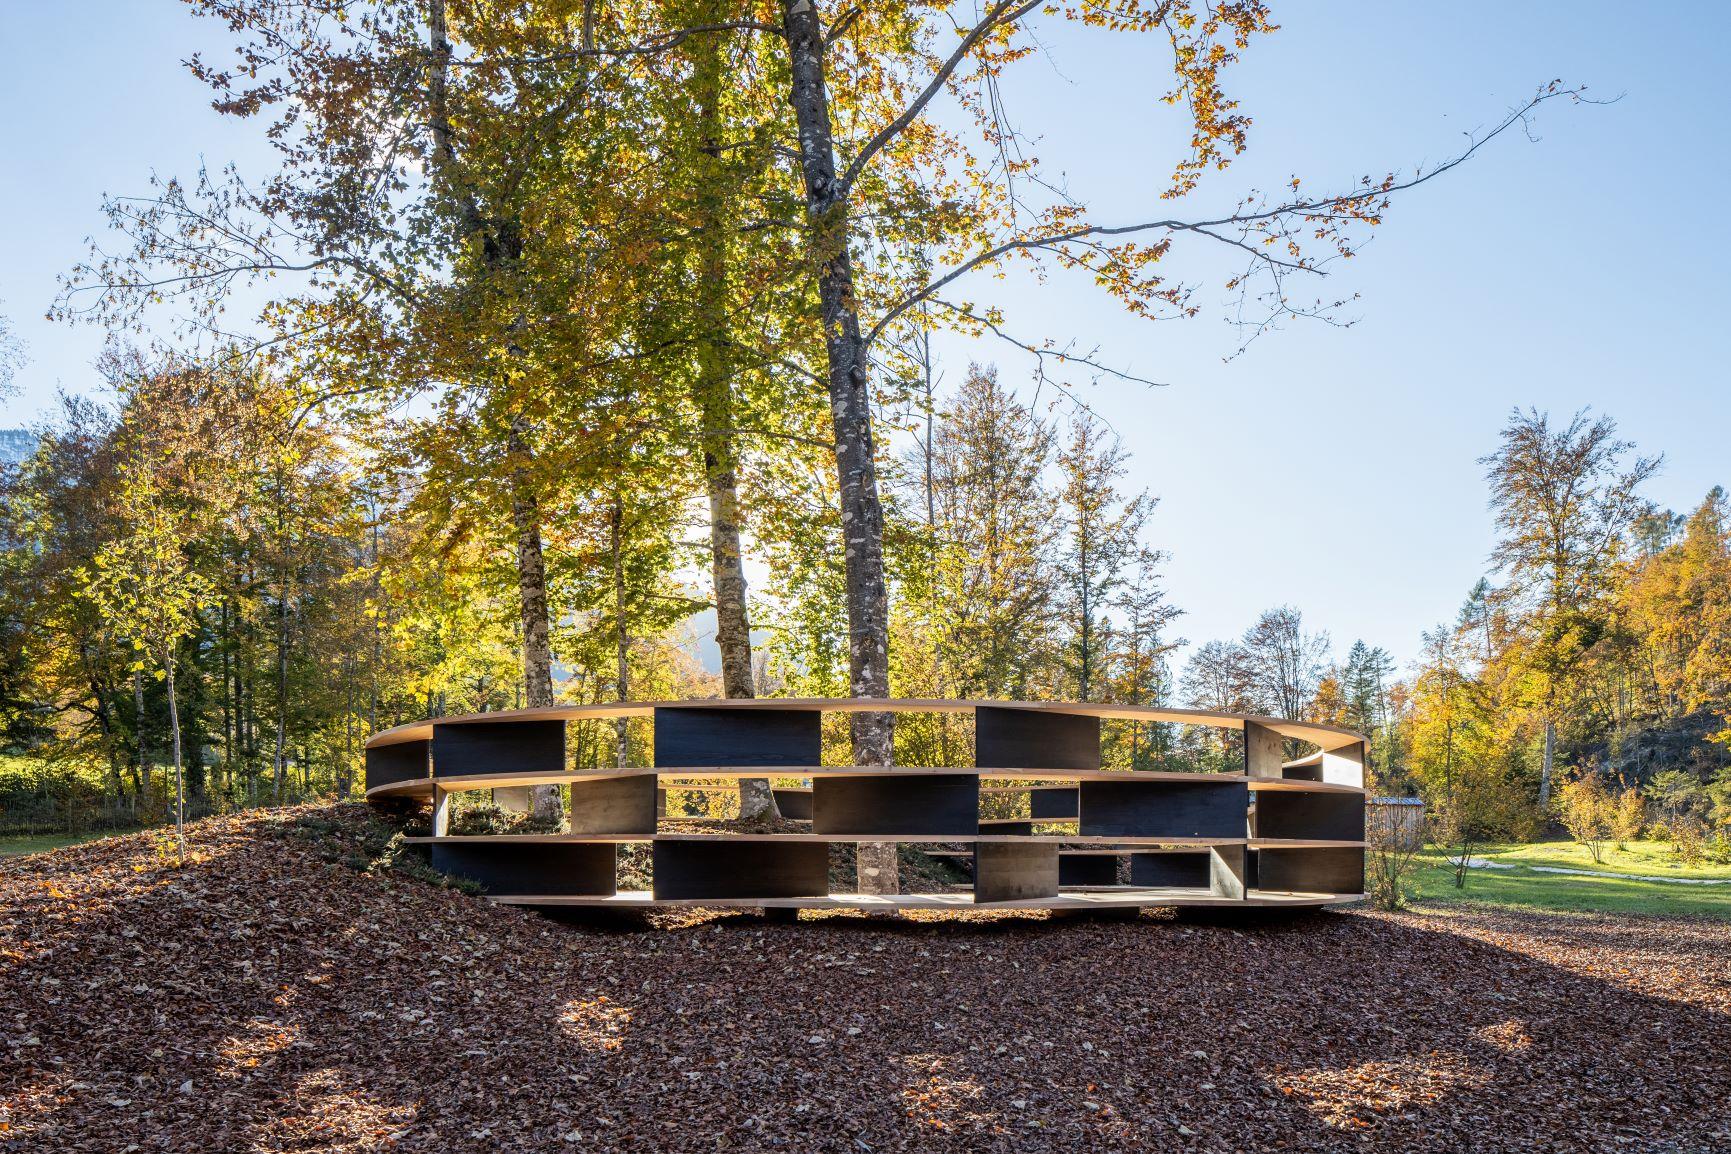 Racchiudere il mondo in una stanza. La nuova Tree-Room di Stefano Boeri Interiors conquista Artesella